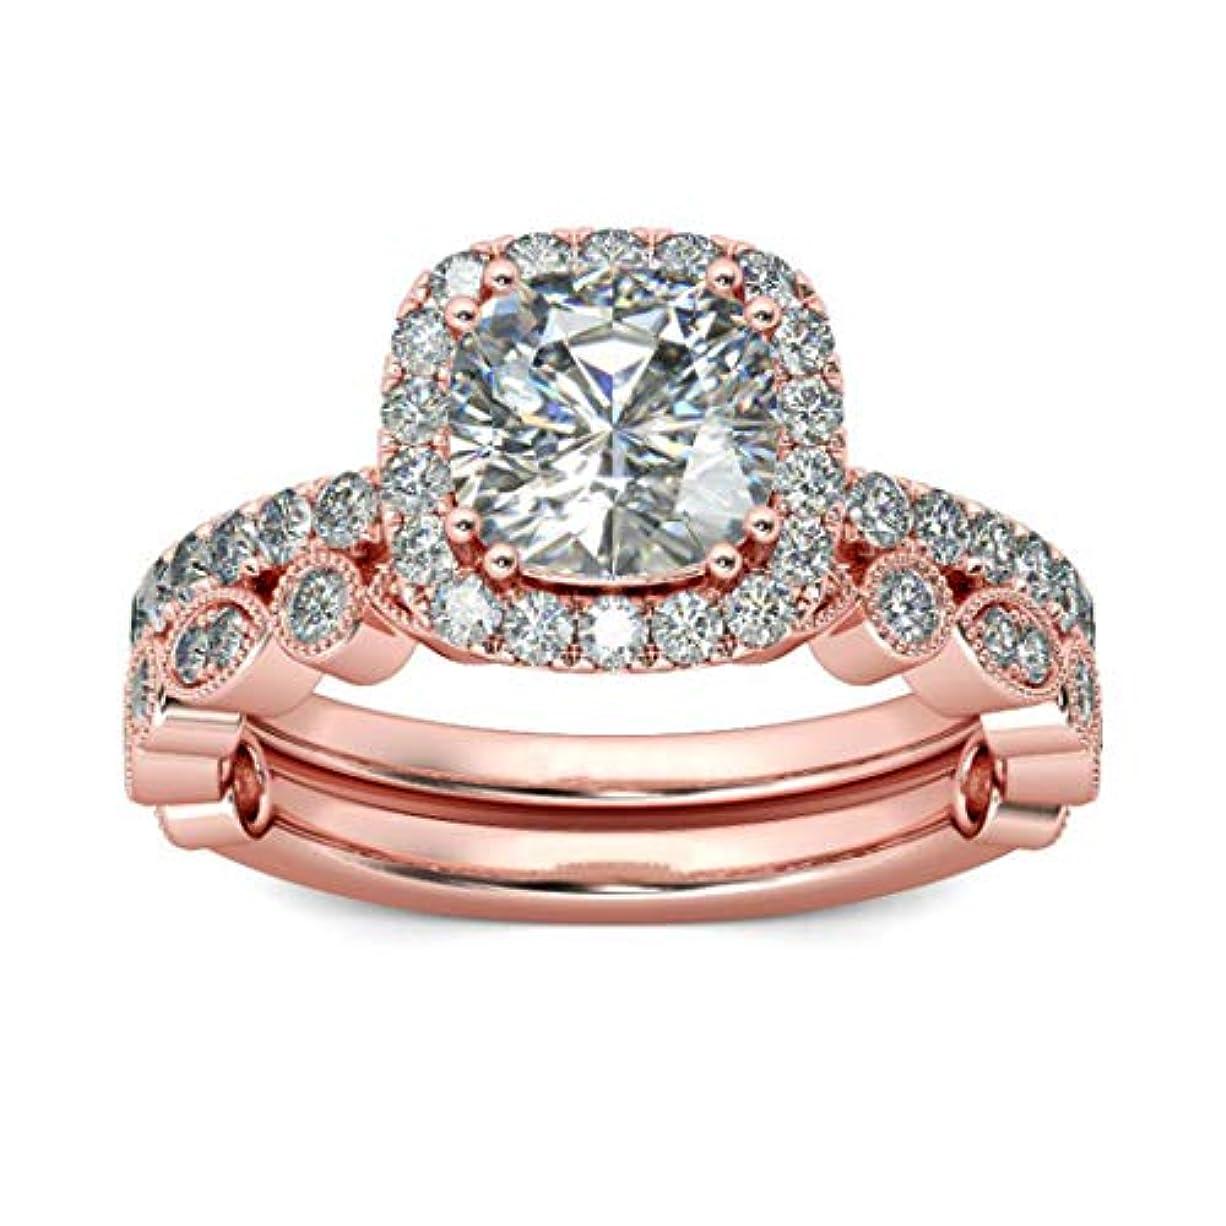 疑い滴下シリアルSperrinsペアリング 結婚指輪 婚約指輪 銀メッキ指輪 カップル リング レディースリング メンズリング(8)